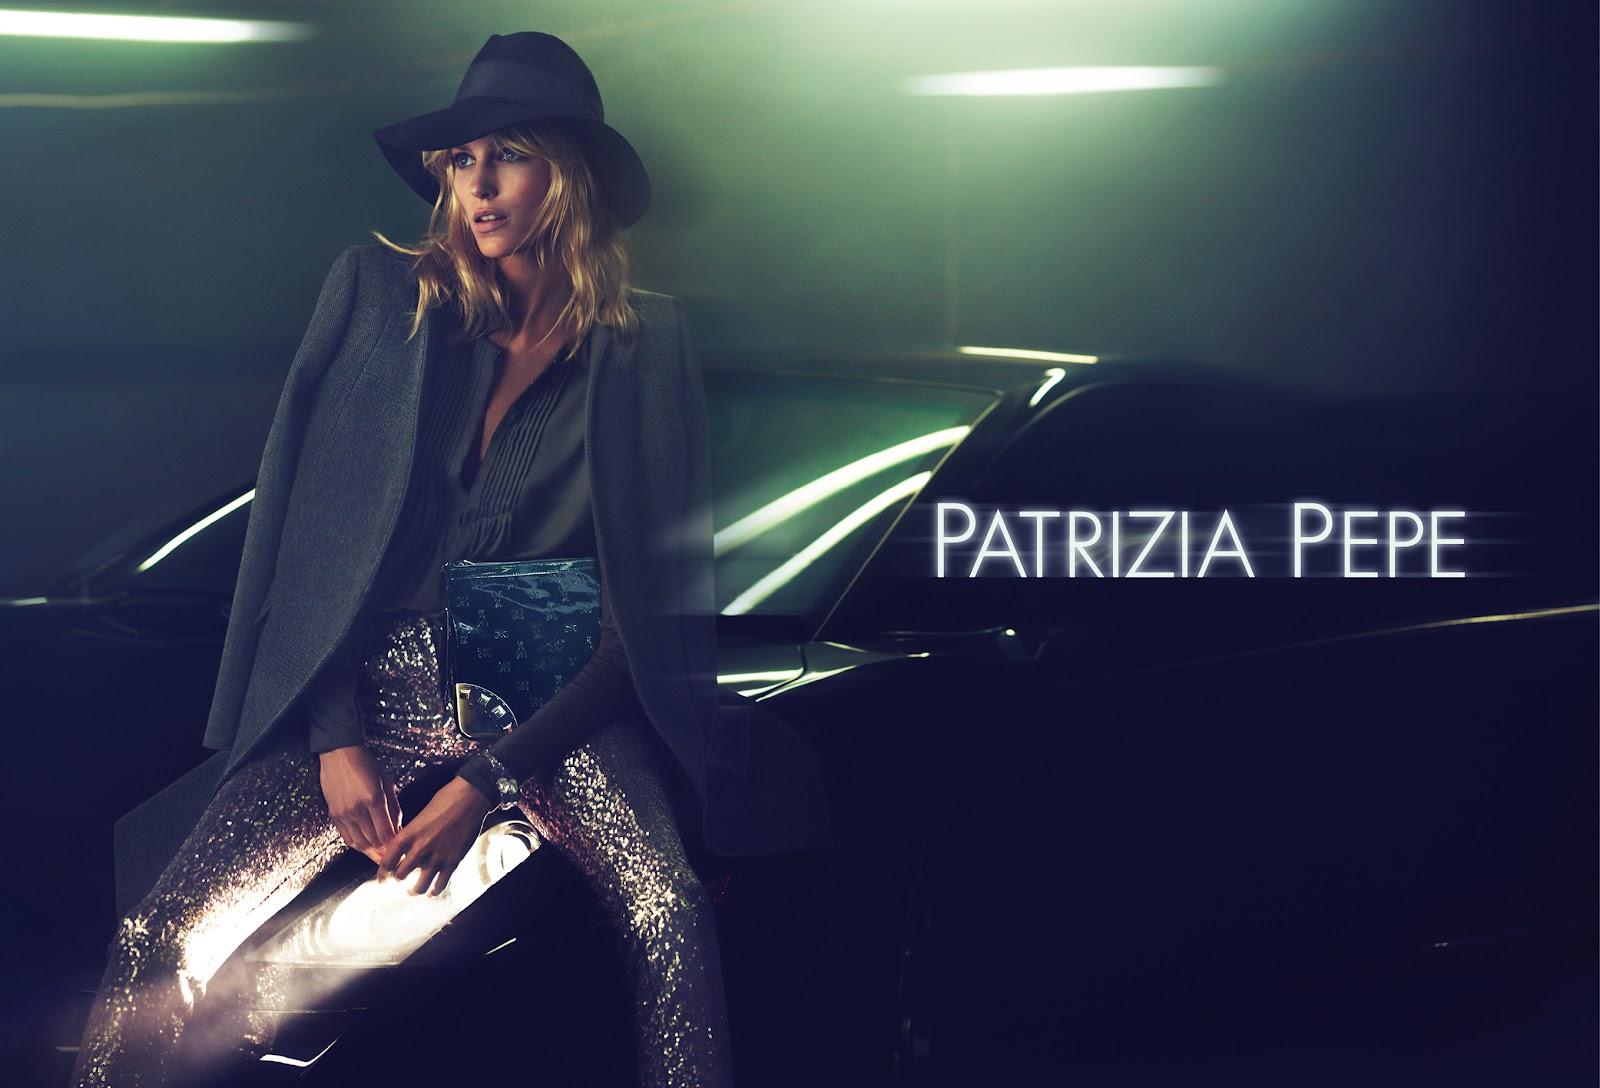 http://4.bp.blogspot.com/-dw9Alc1fub4/UEDFZzO1jTI/AAAAAAAABww/baG0Qh5aQKk/s1600/Patrizia+Pepe_FW12-13+Advertising+Campaign_2.jpg